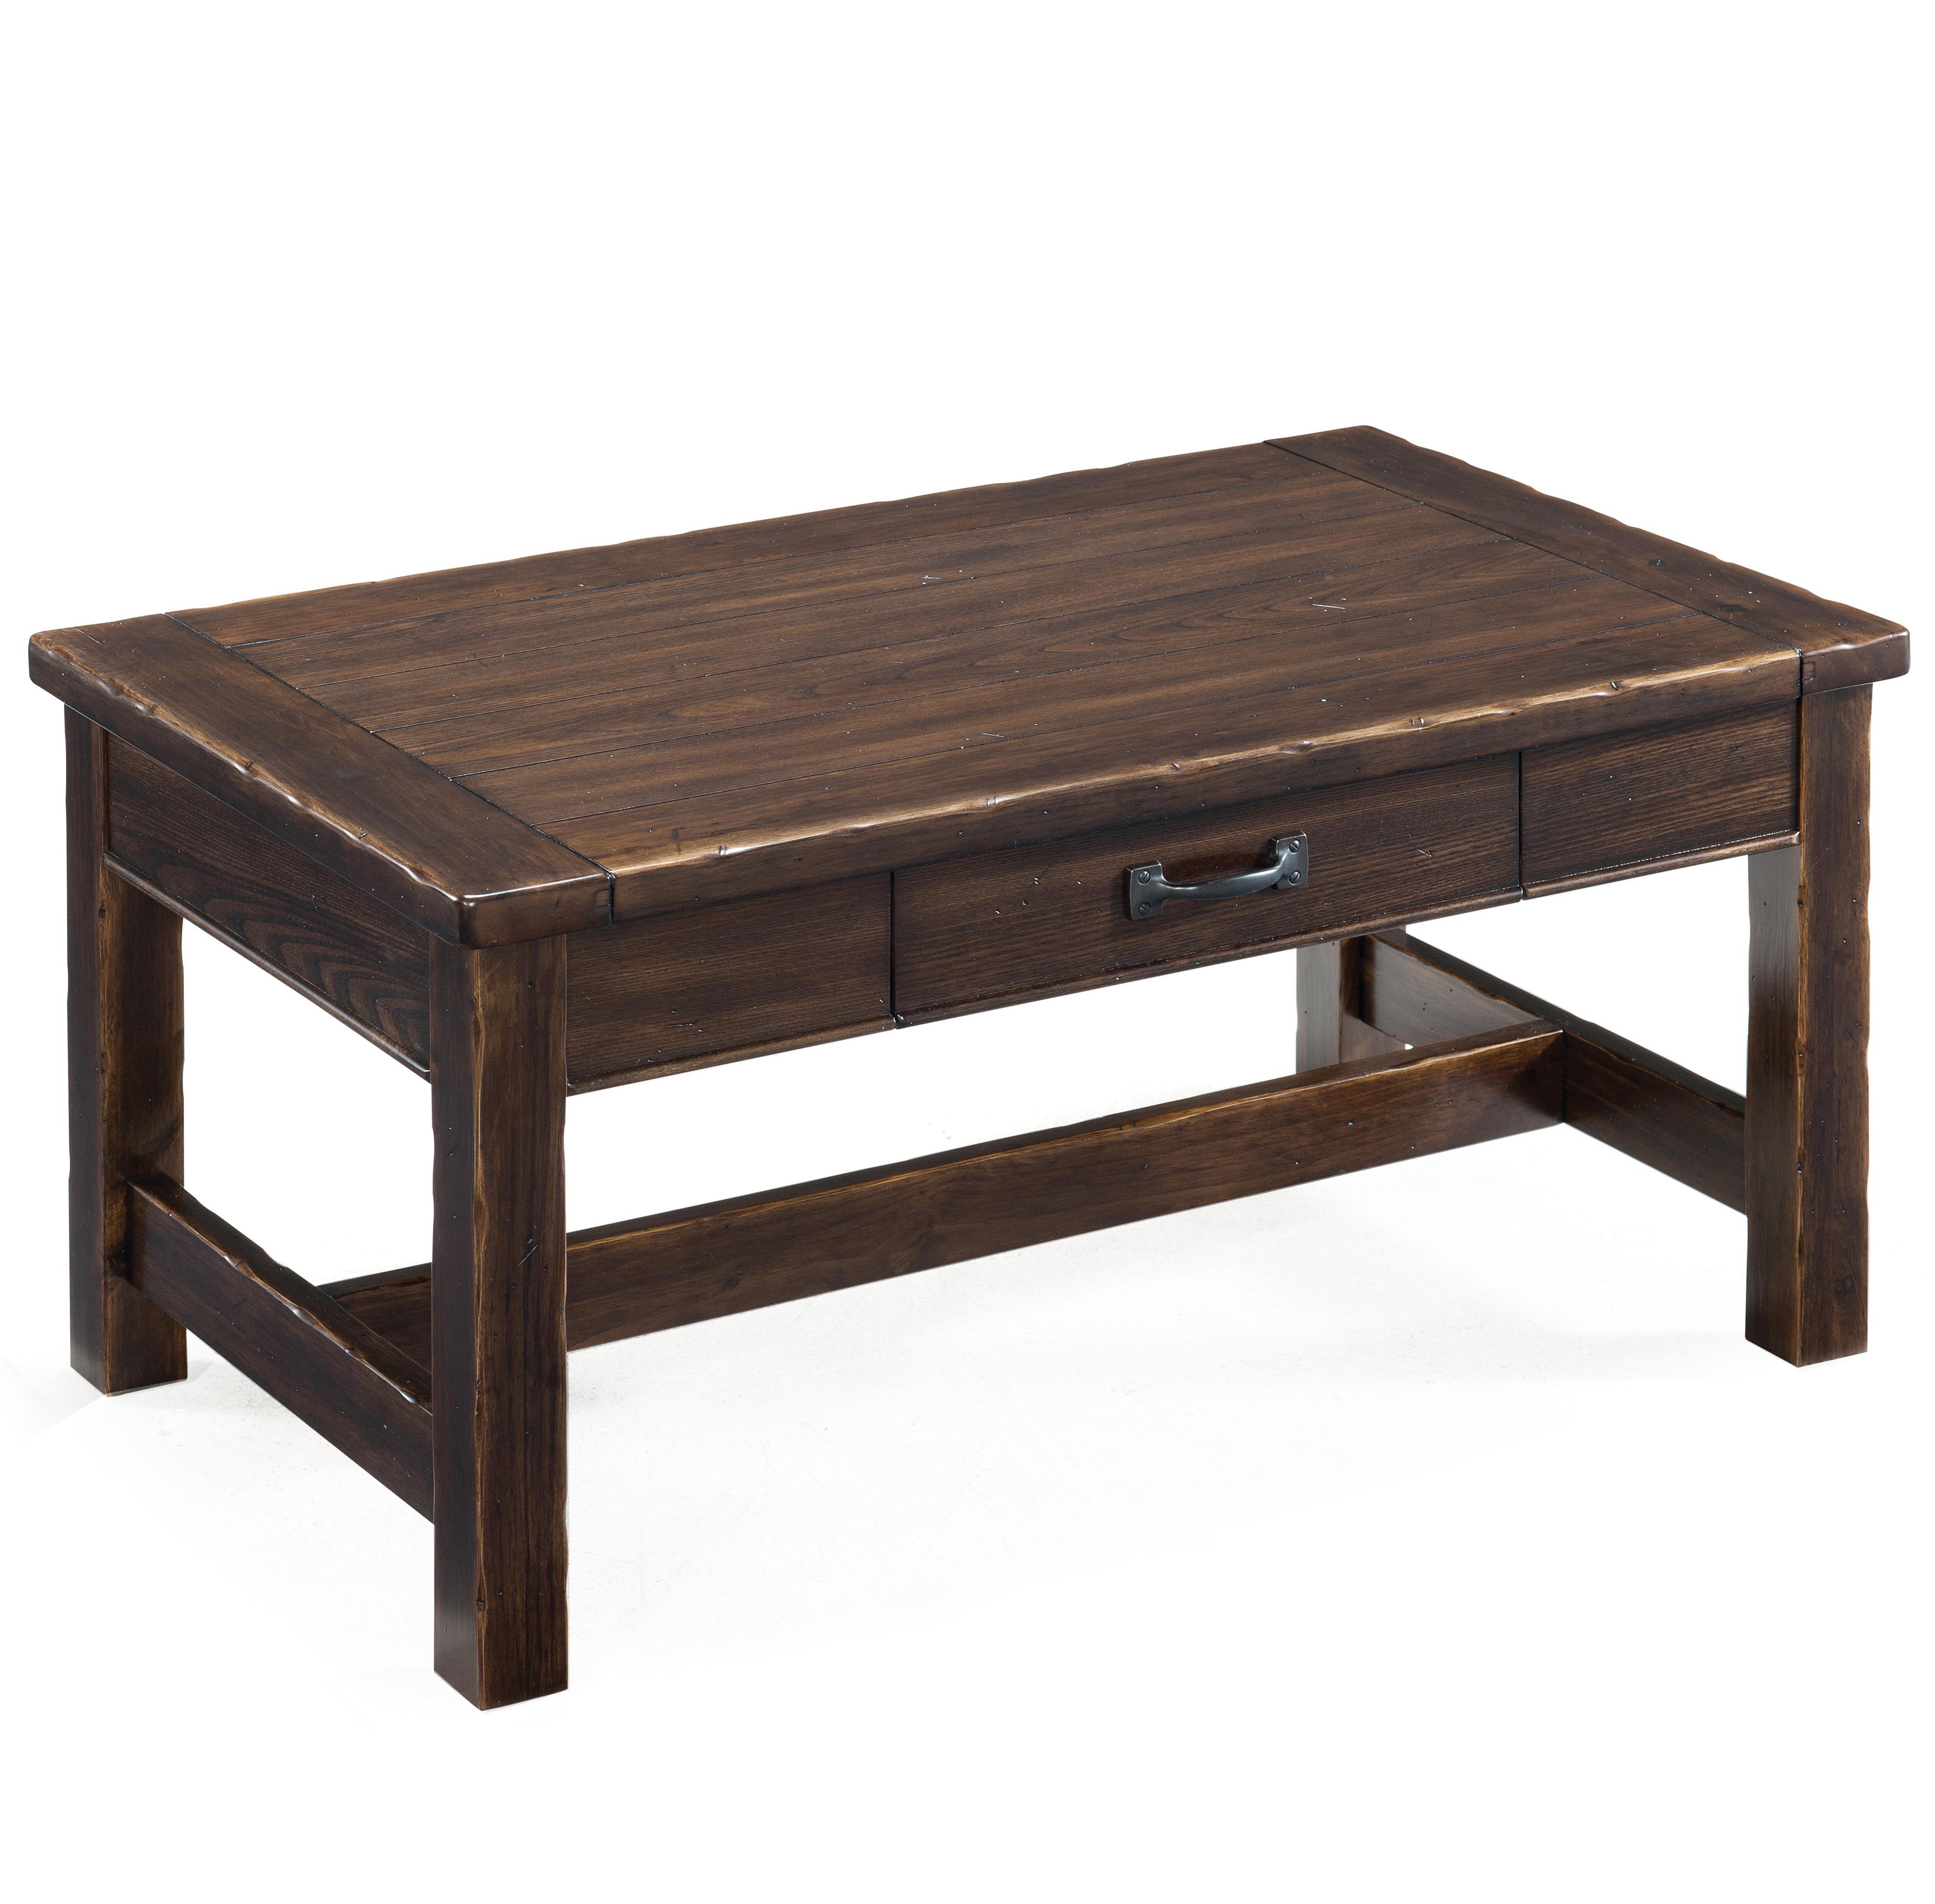 Magnussen Home Kinderton Step-Up Rectangular Cocktail Table - Item Number: T2398-44